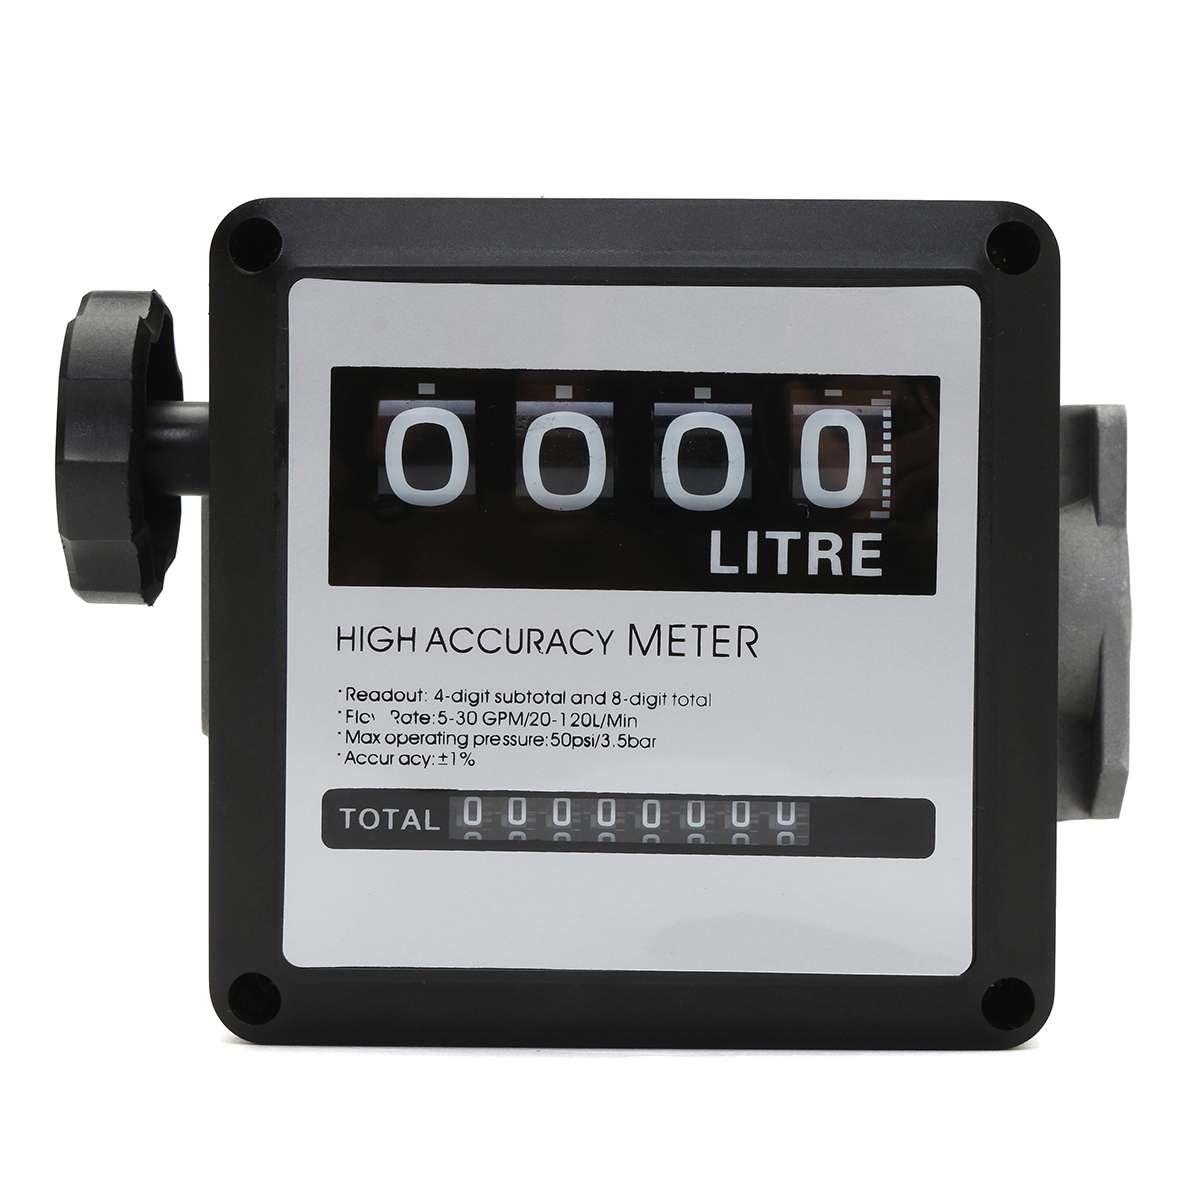 4 Digital Display Oil meter Refueling device for Diesel Gasoline Fuel Petrol Oil Flow Meter Counter Gauge for Vehicle refueling